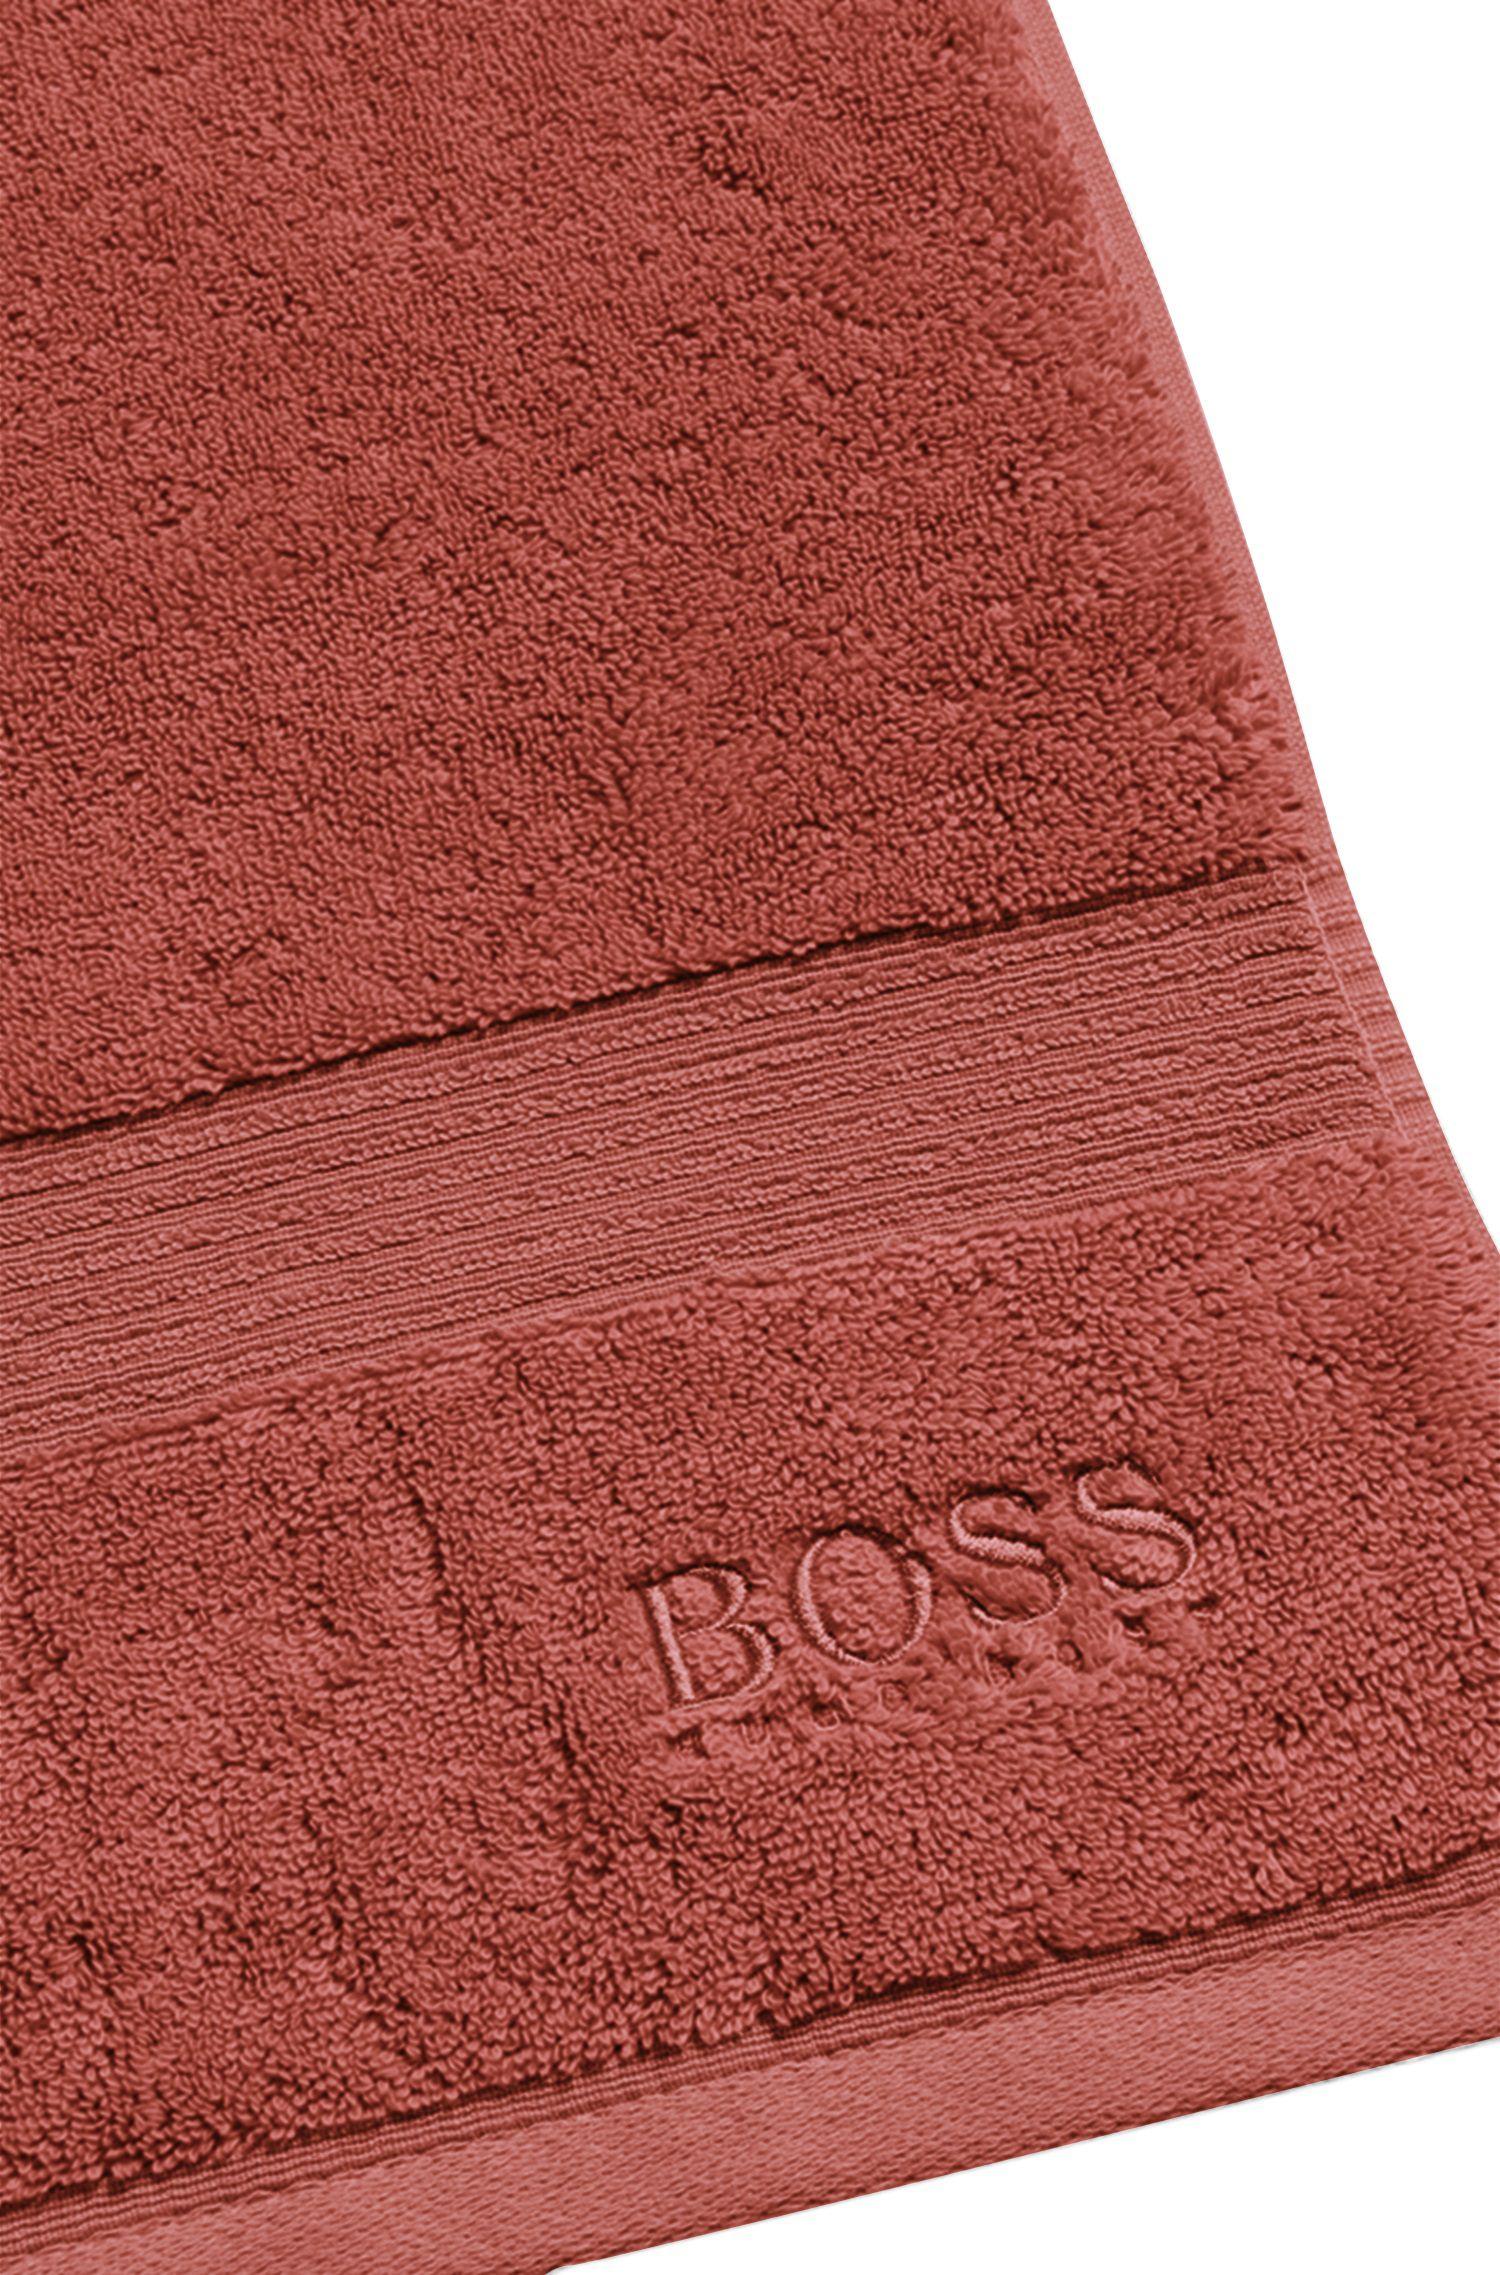 Asciugamano da bagno in cotone egeo pettinato con bordo a coste, Arancione scuro